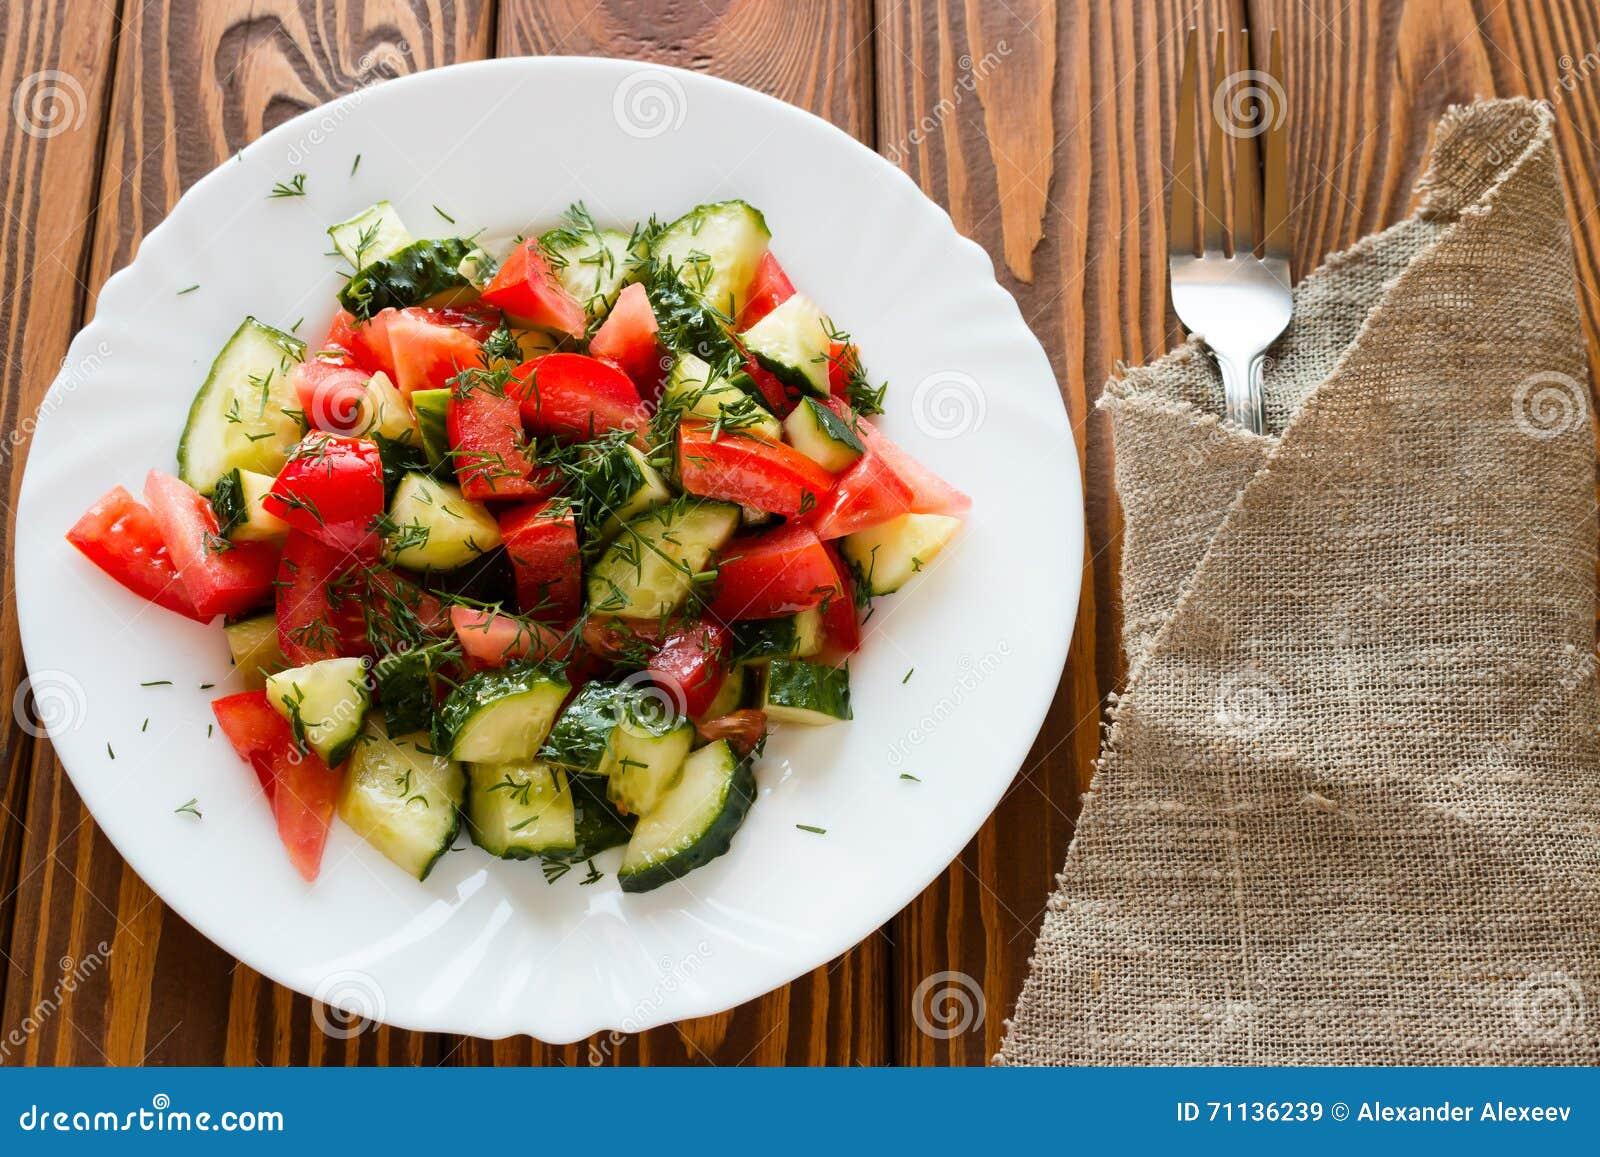 Ensalada vegetariana en una placa blanca